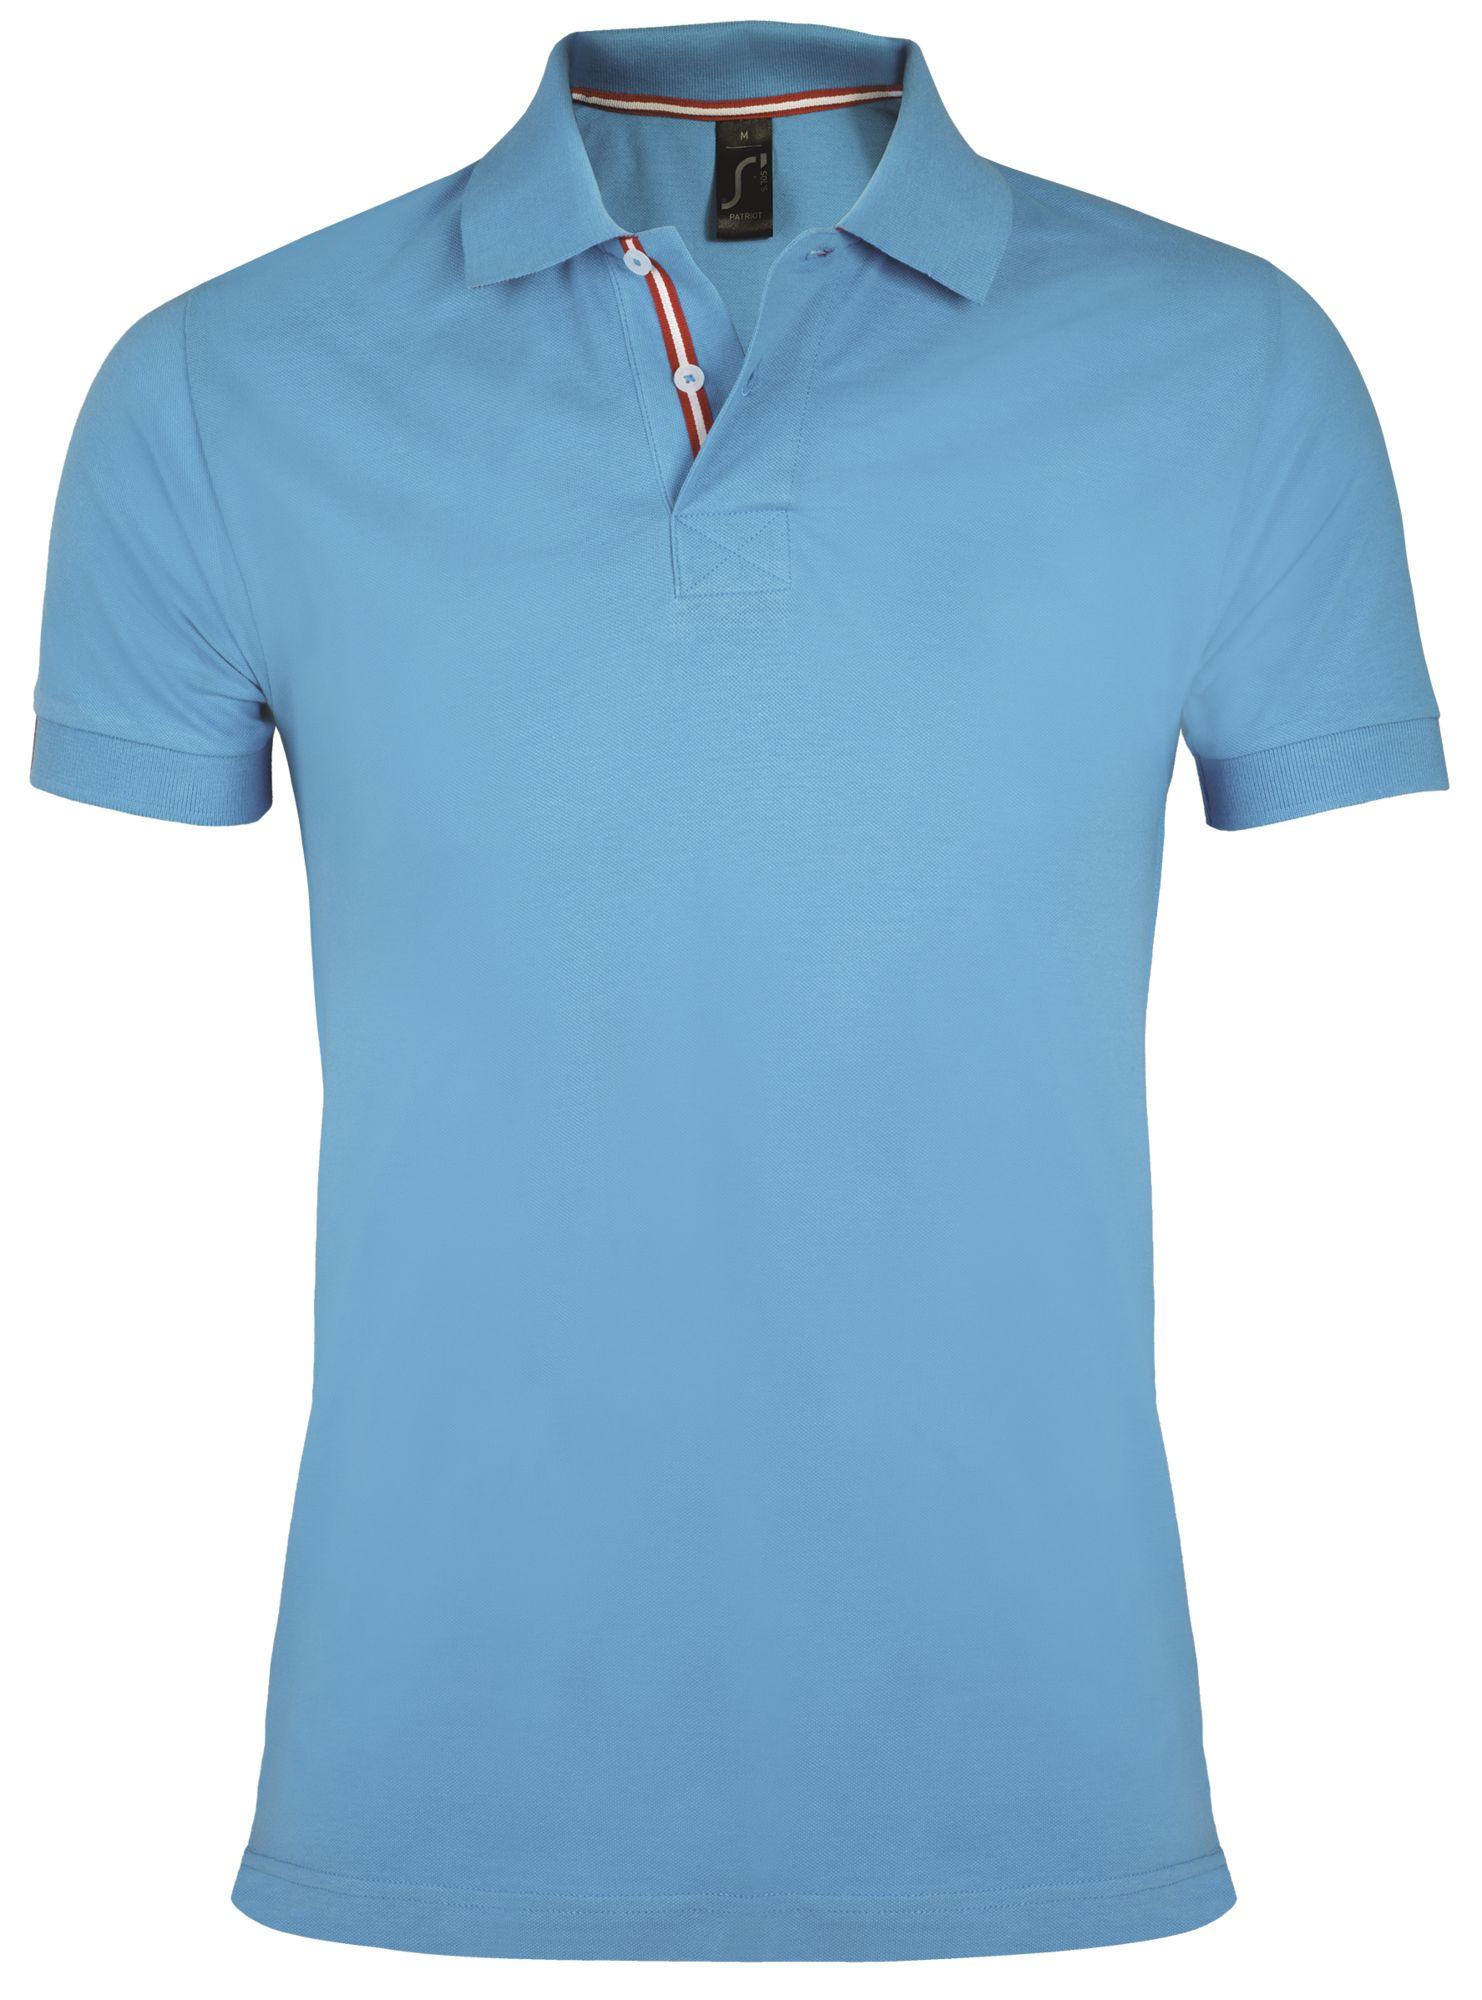 Рубашка поло мужская PATRIOT 200, голубая с красным